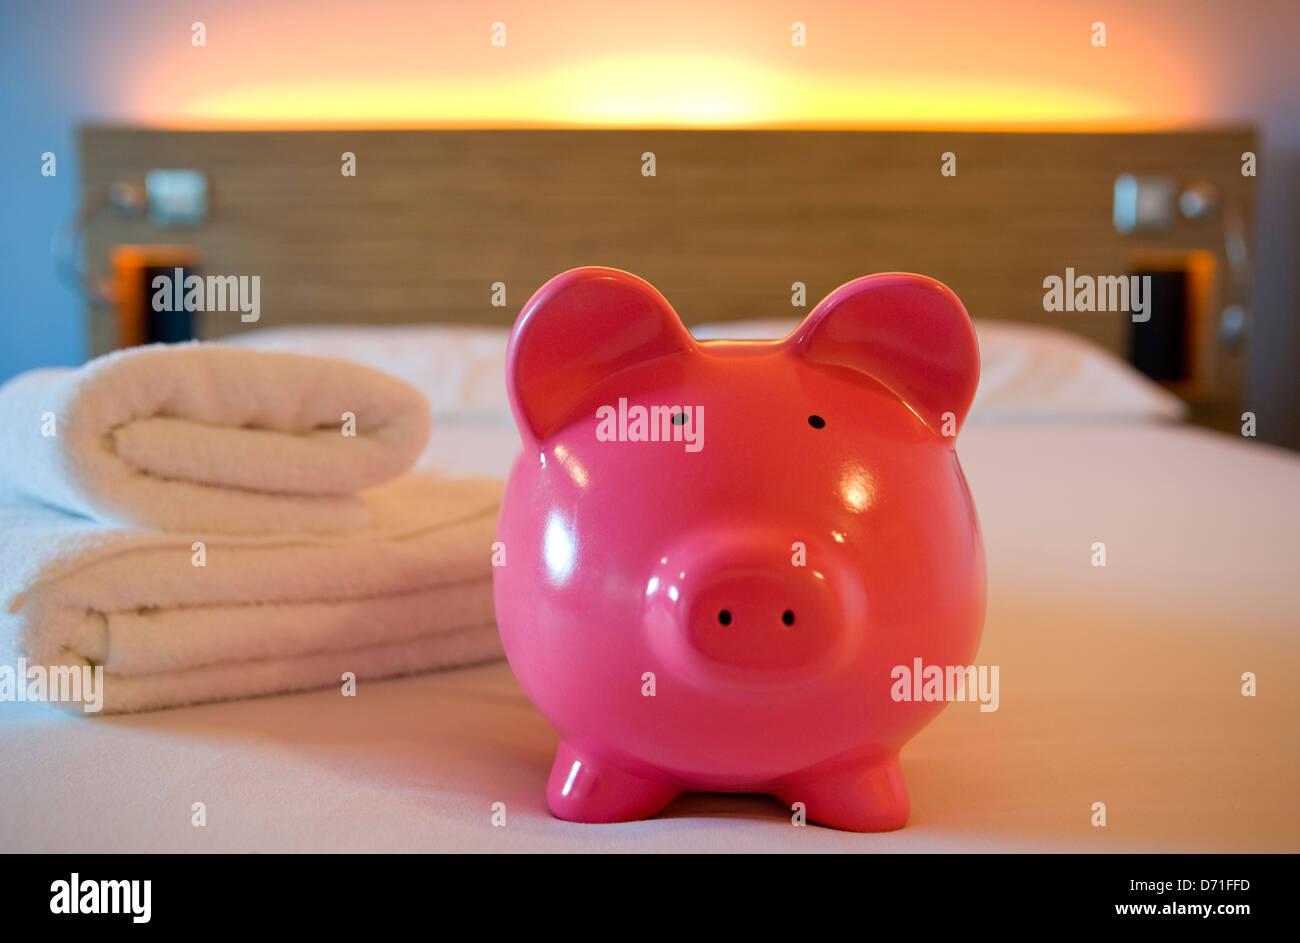 sparen in hotels Stockbild